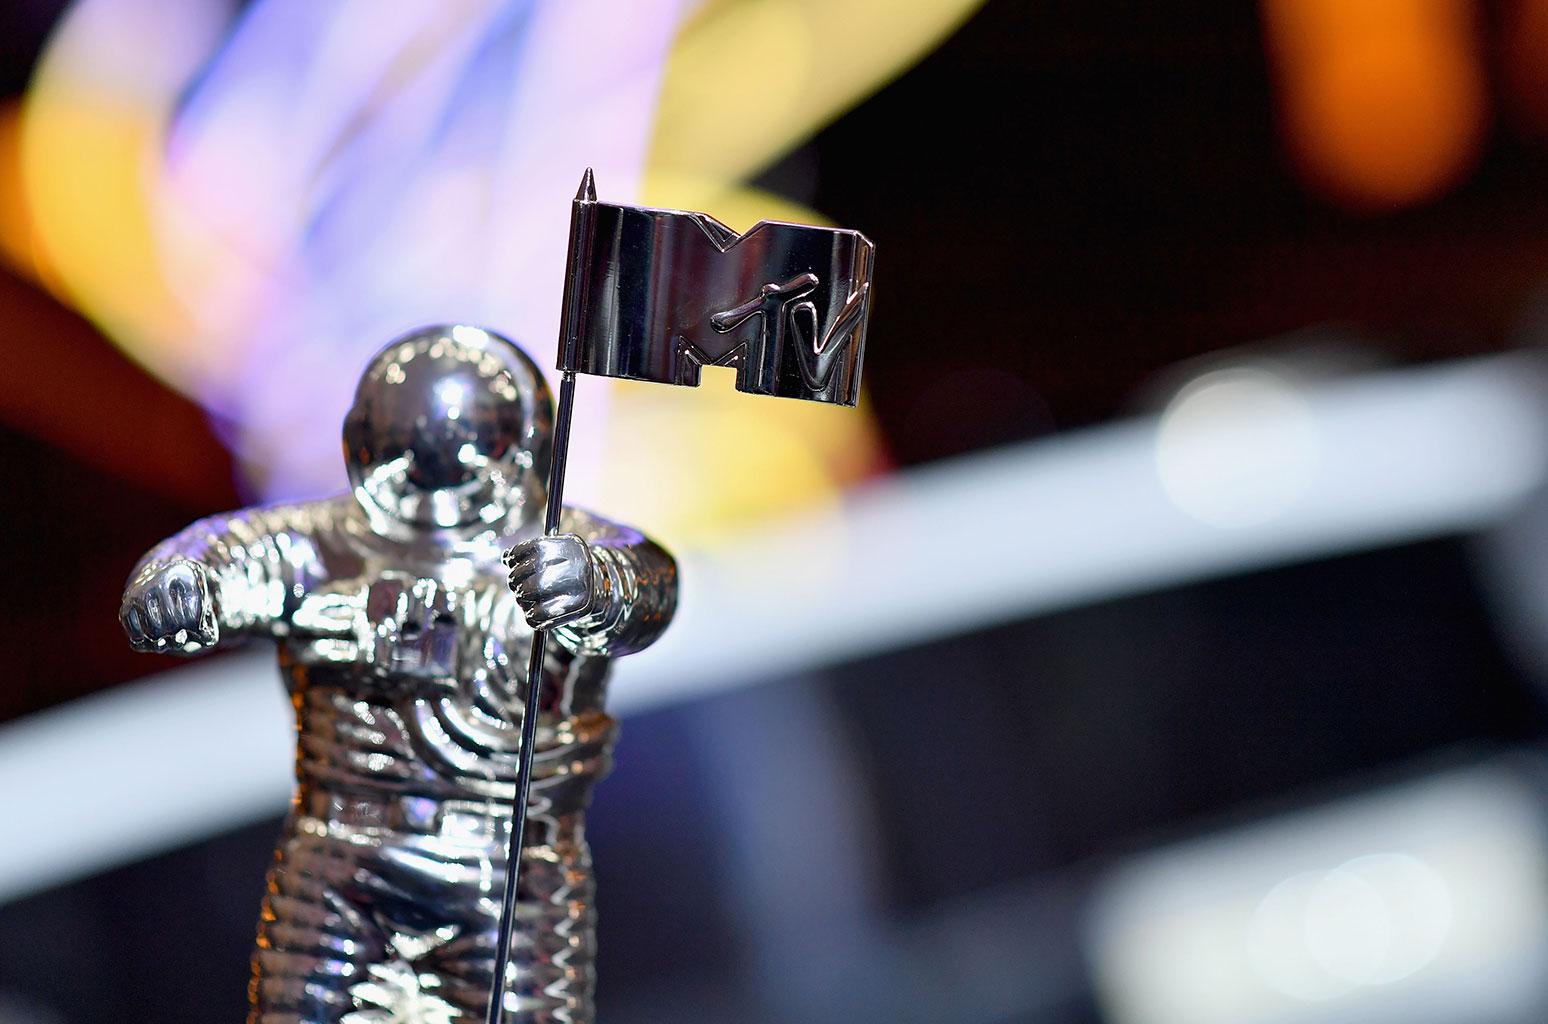 mtv vma awards - MTV VMA 2020: ПОБЕДИТЕЛИ